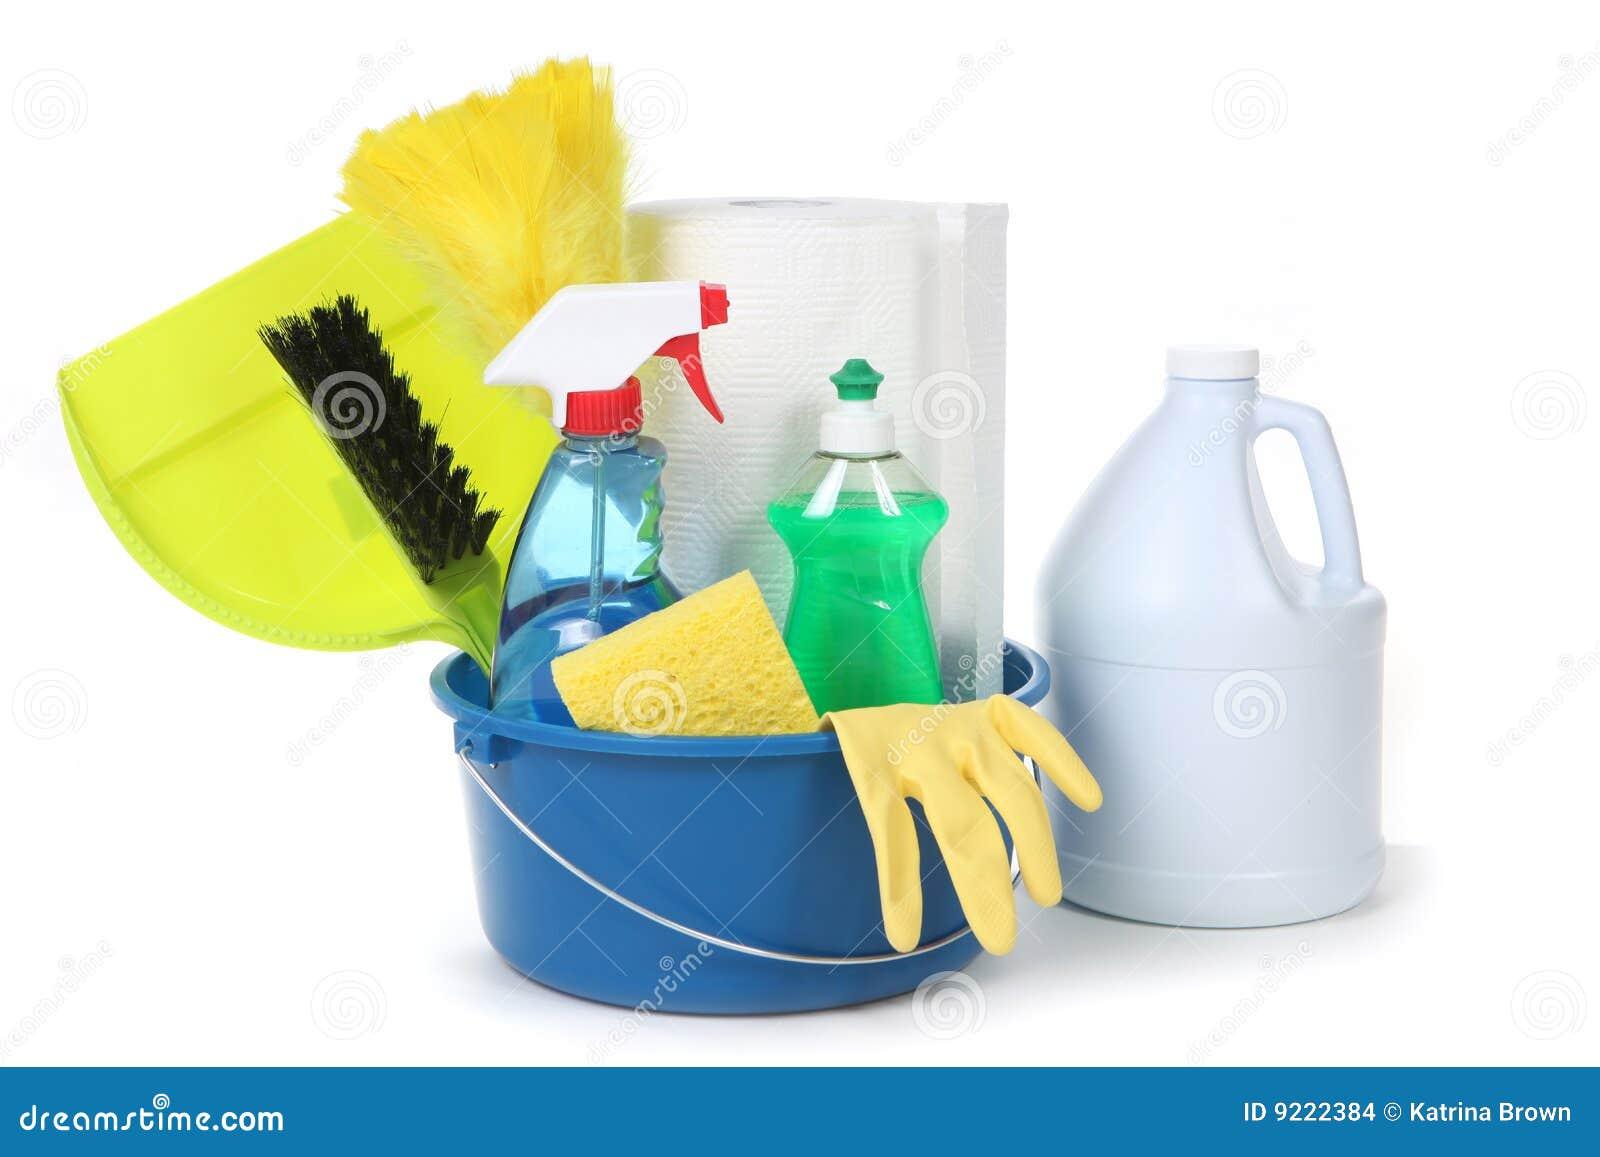 Fuentes de limpieza para el hogar stock photos 197 images for Cosas de hogar